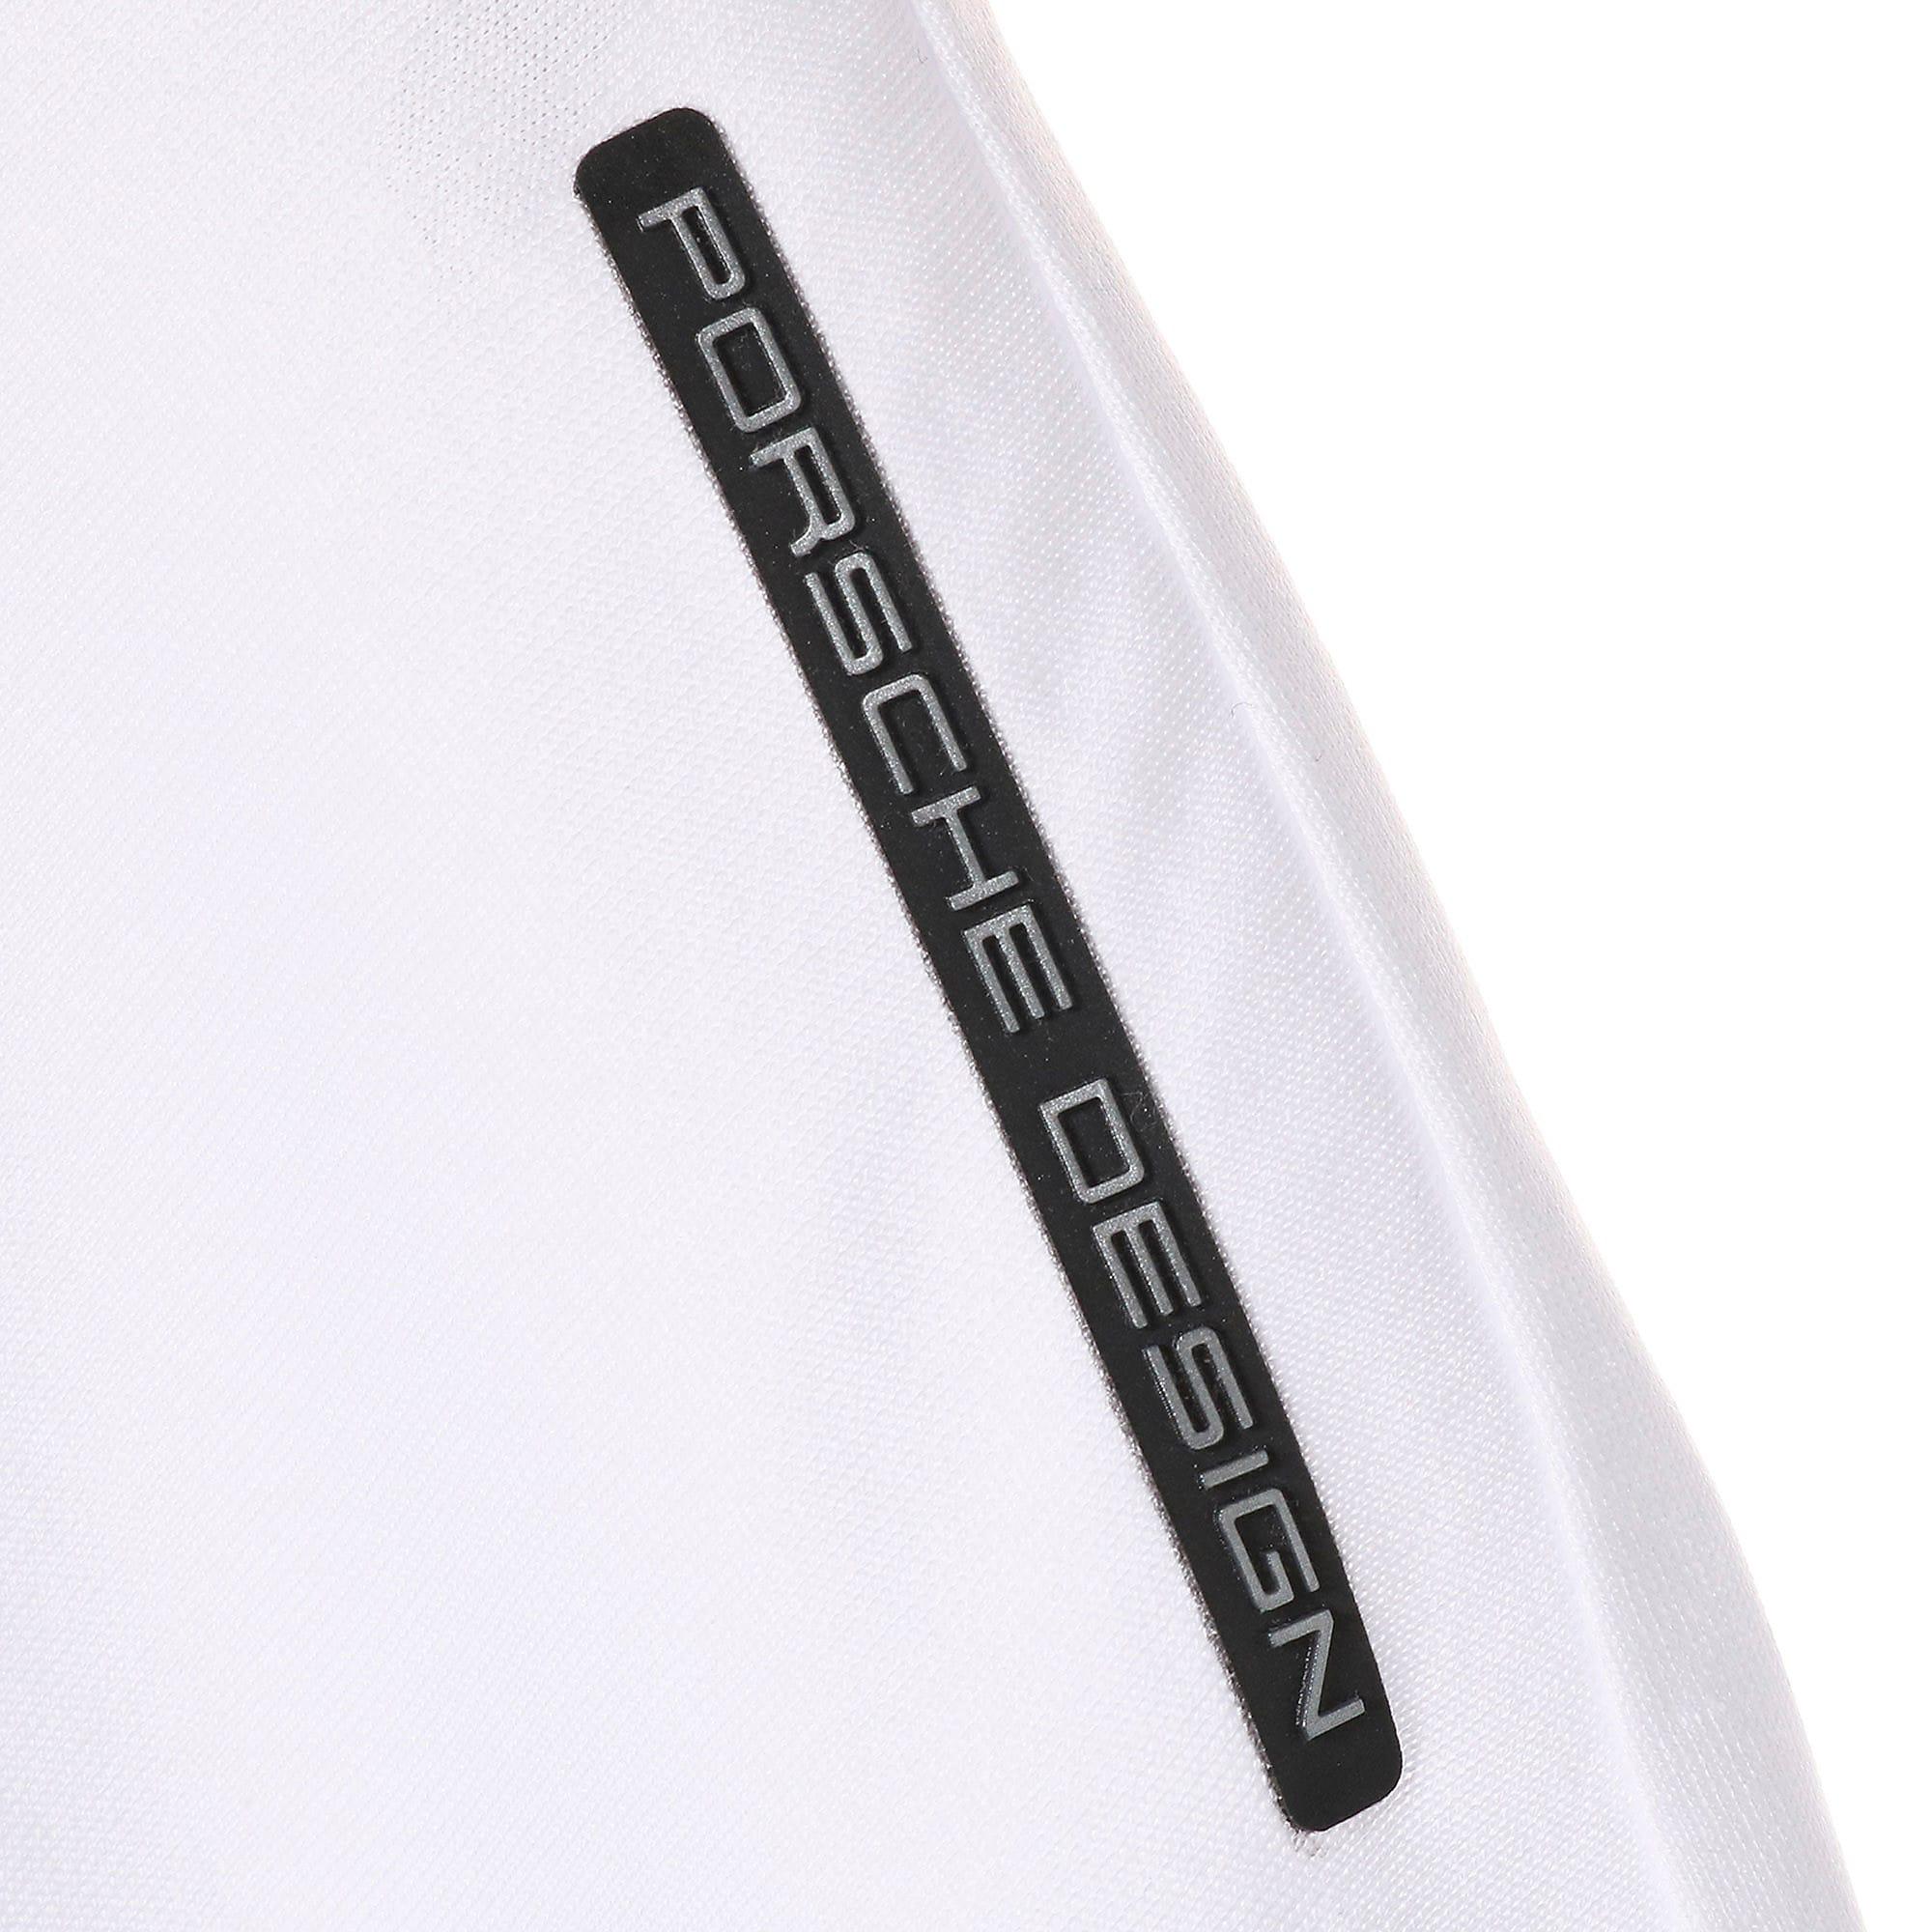 Thumbnail 7 of PORSCHE DESIGN  ライフ Tシャツ, Puma White, medium-JPN